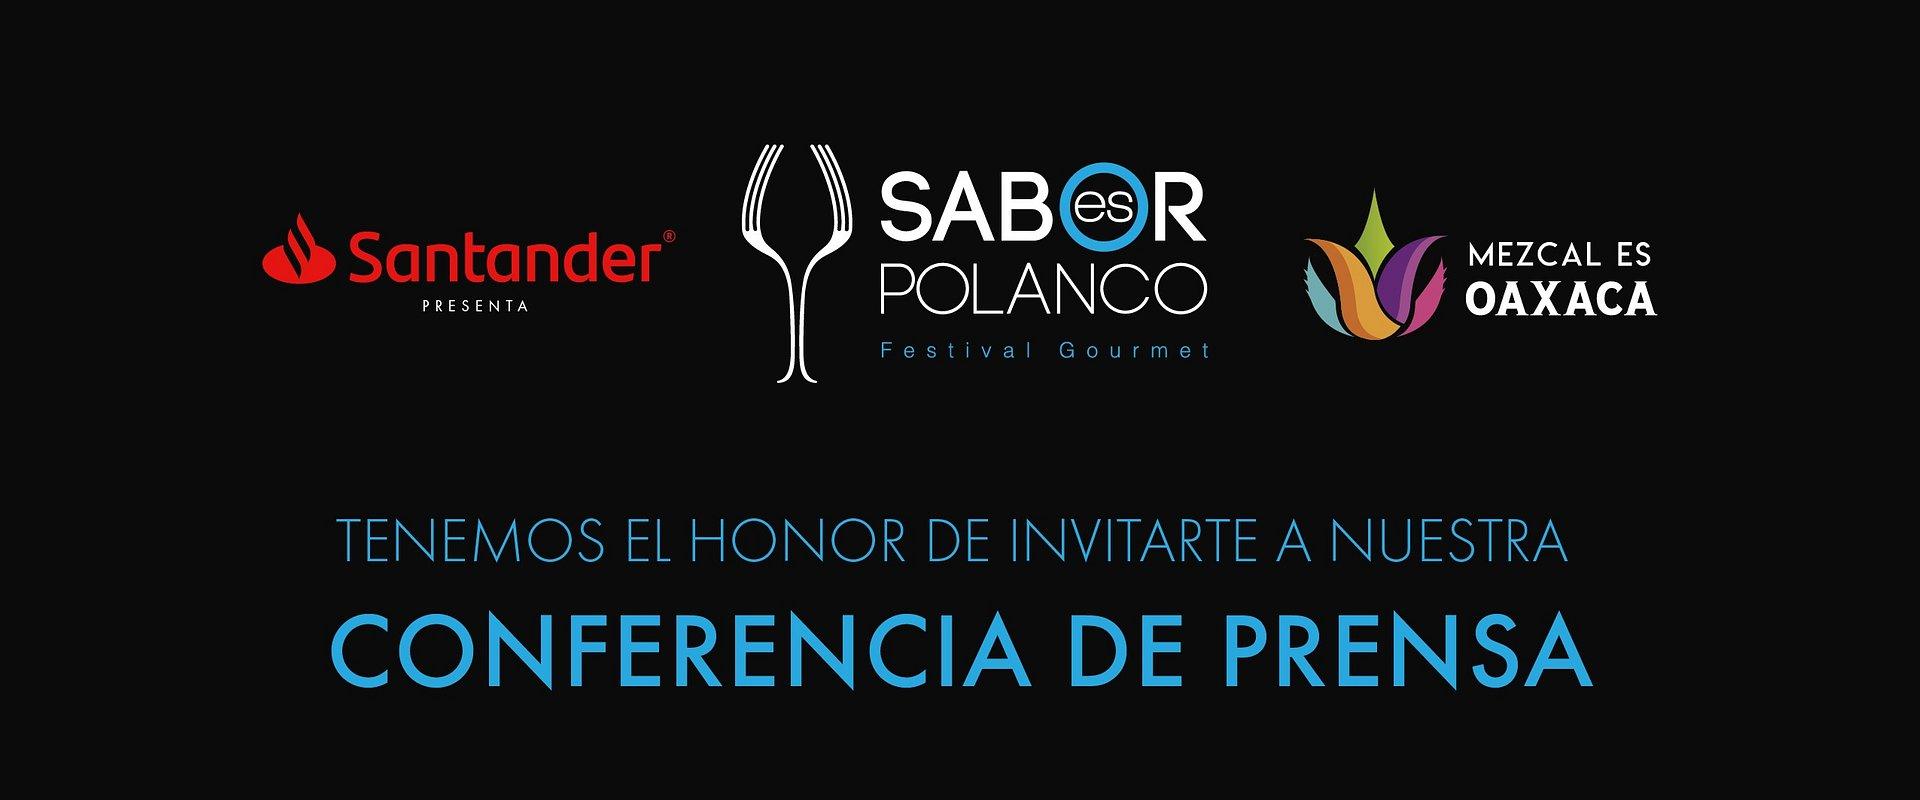 Invitación Conferencia de Prensa, Sabor es Polanco